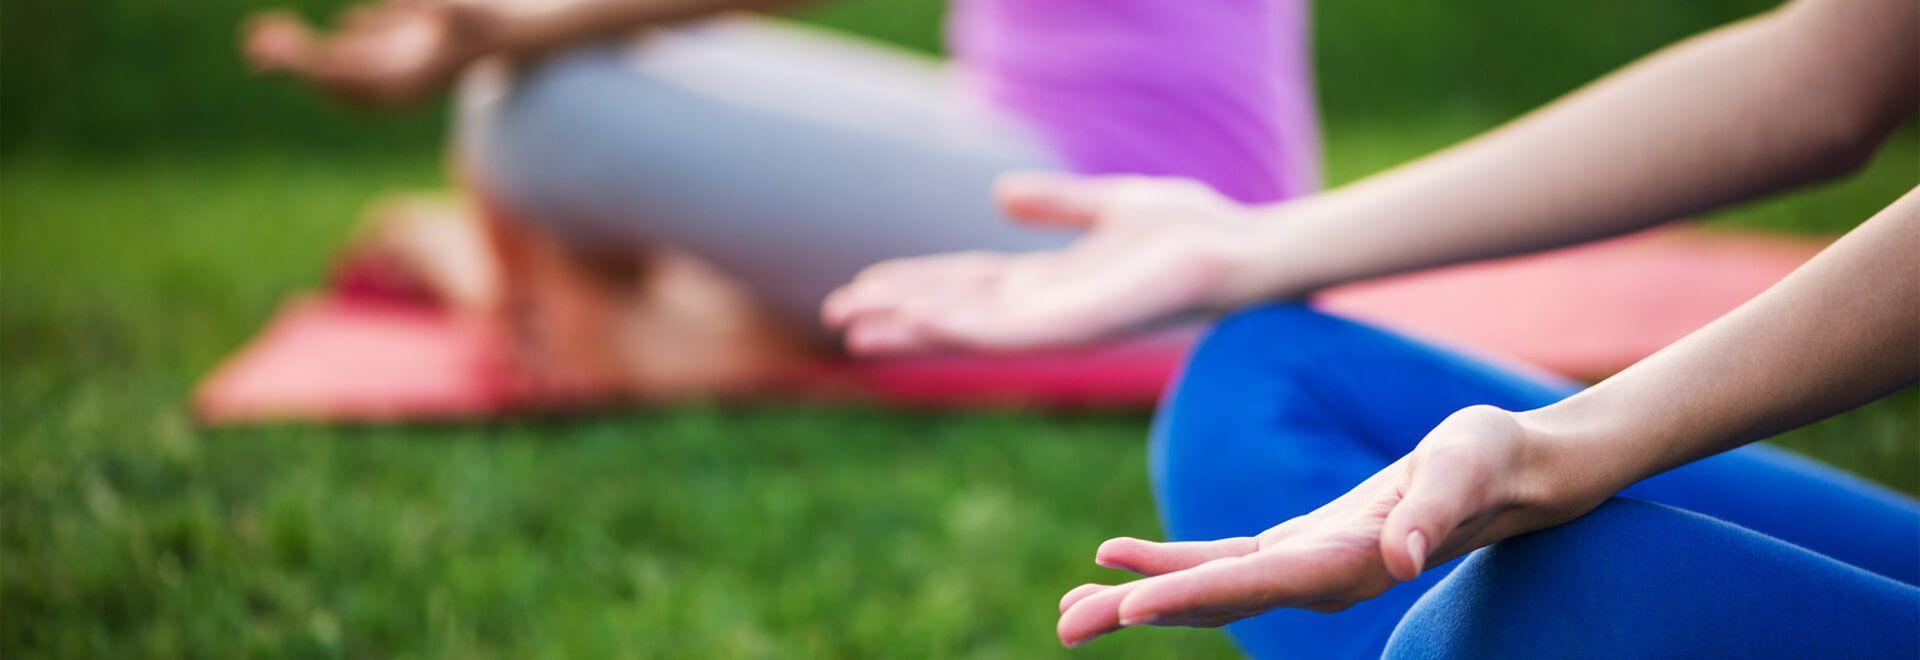 Bewegungen werden leichter, fließender und anmutiger